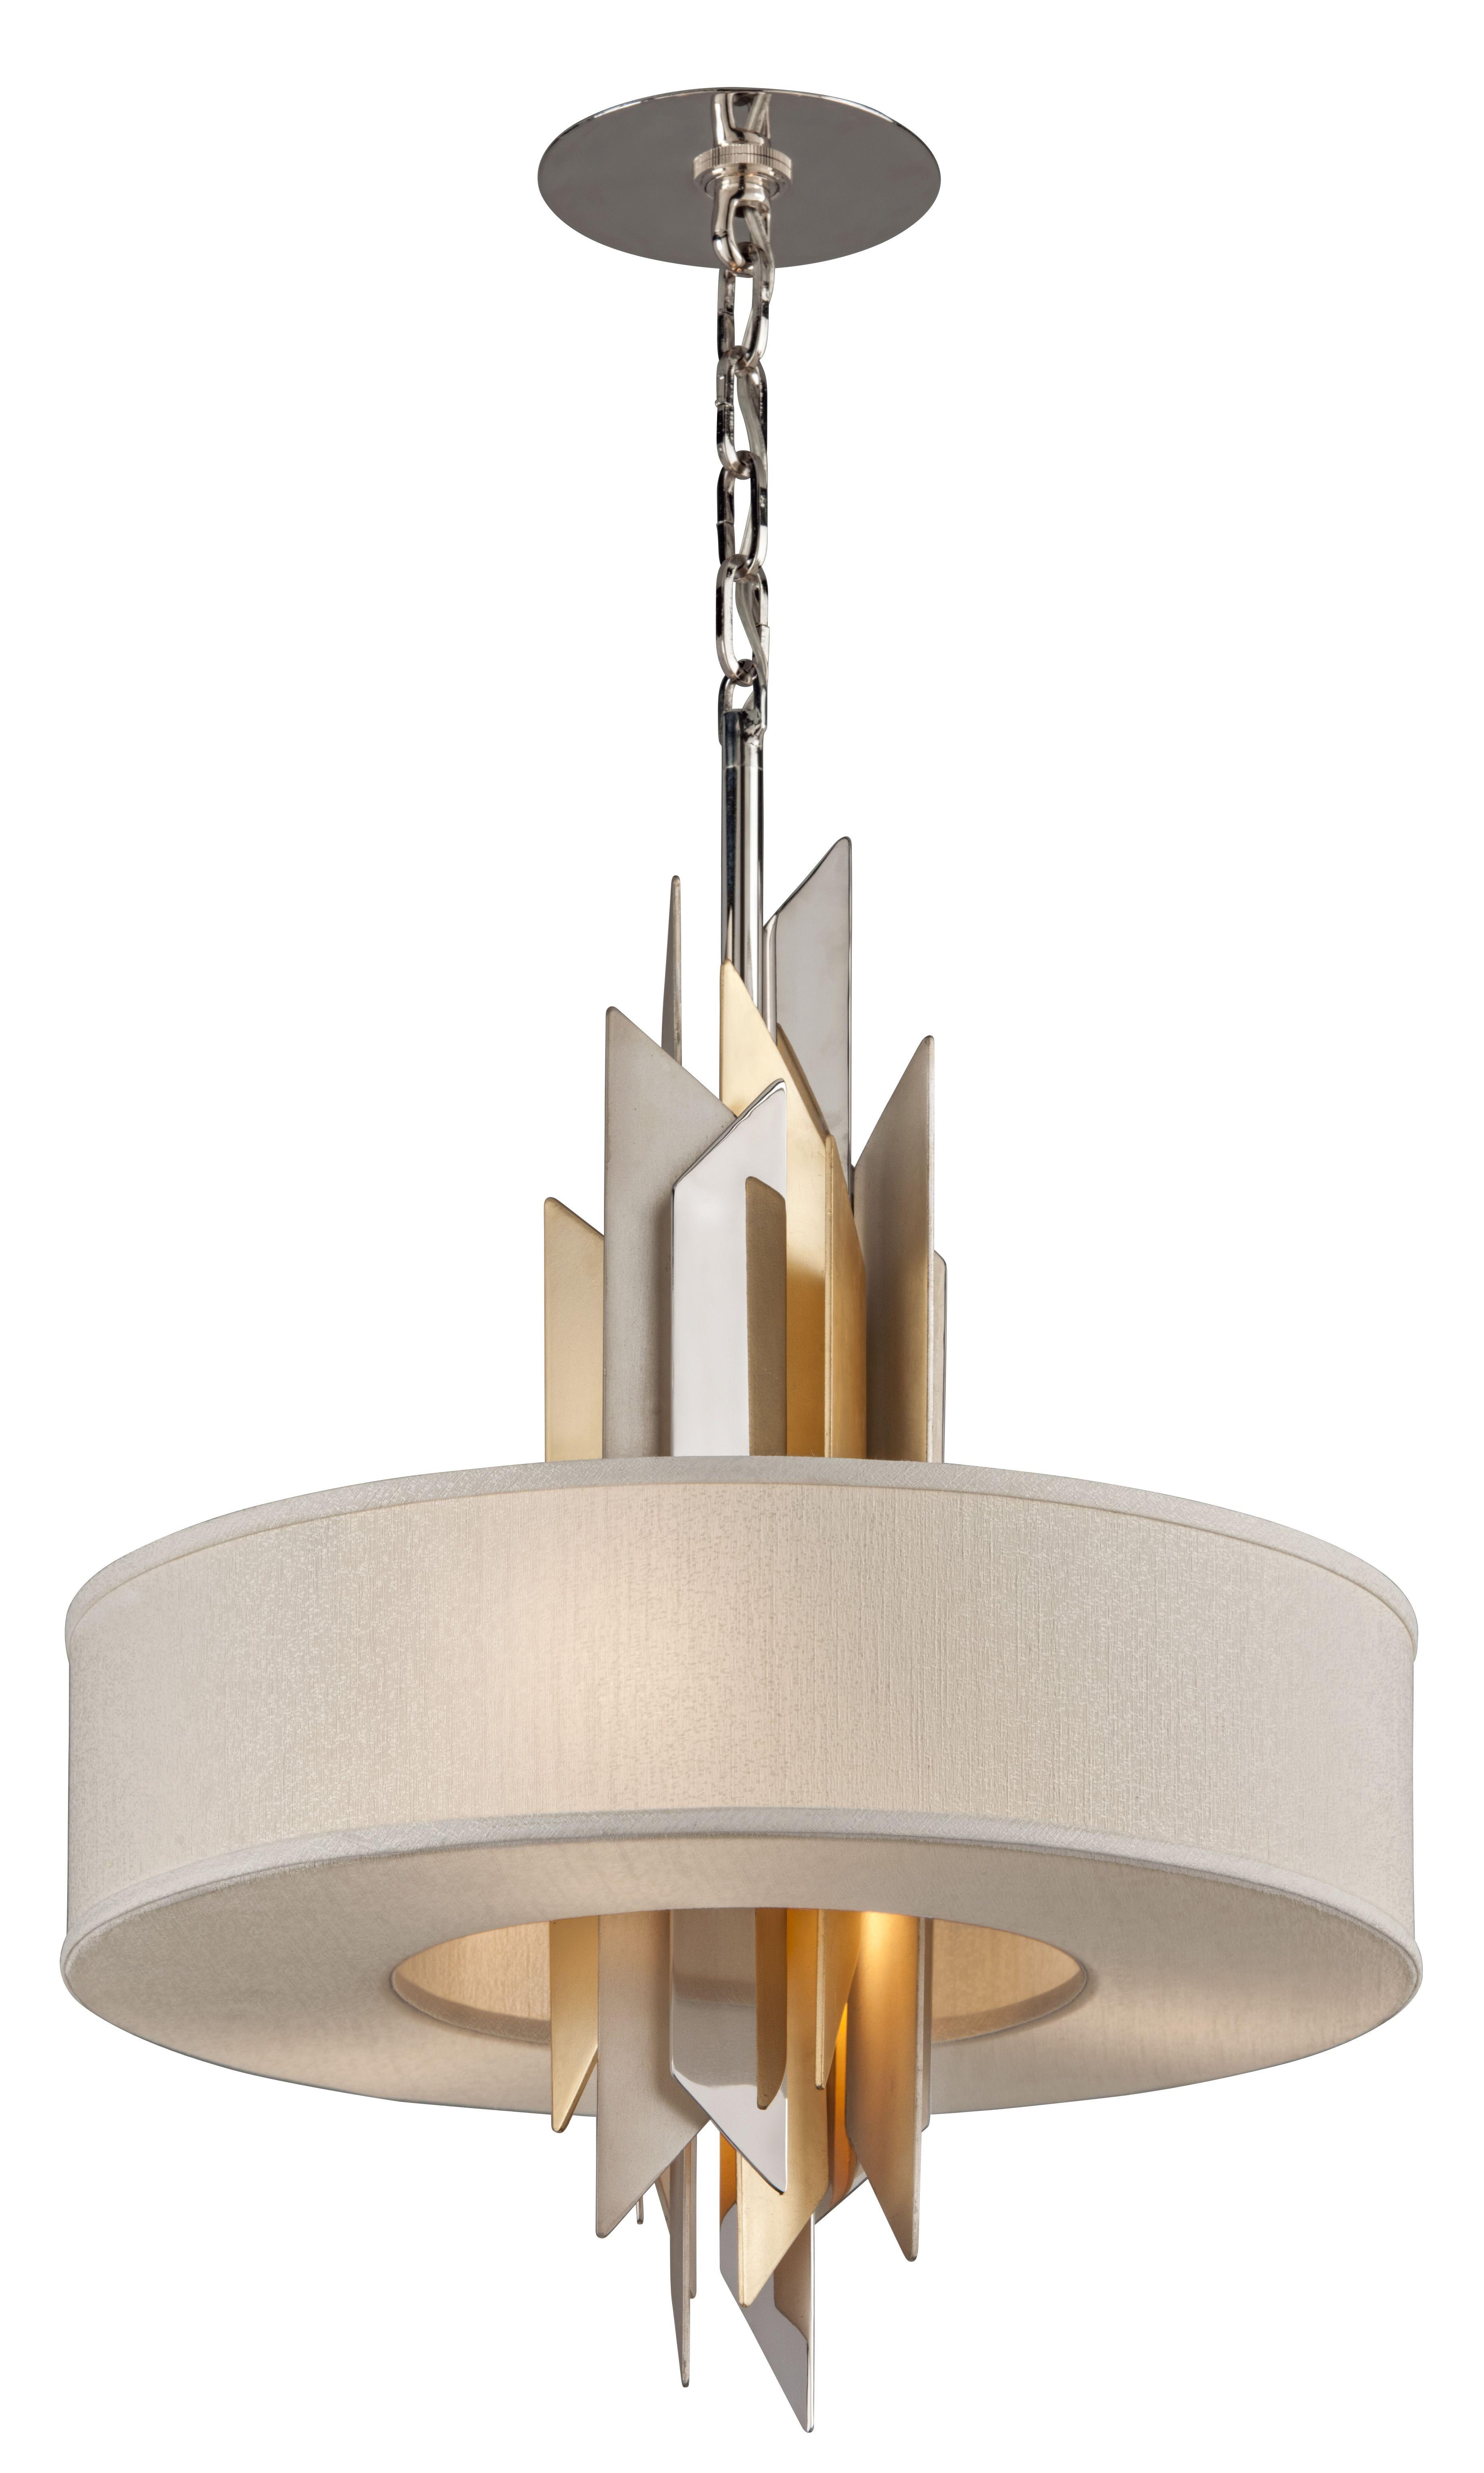 Modernist By Corbett Lighting Stainless Steel Pendant Light Steel Pendant Light Pendant Light